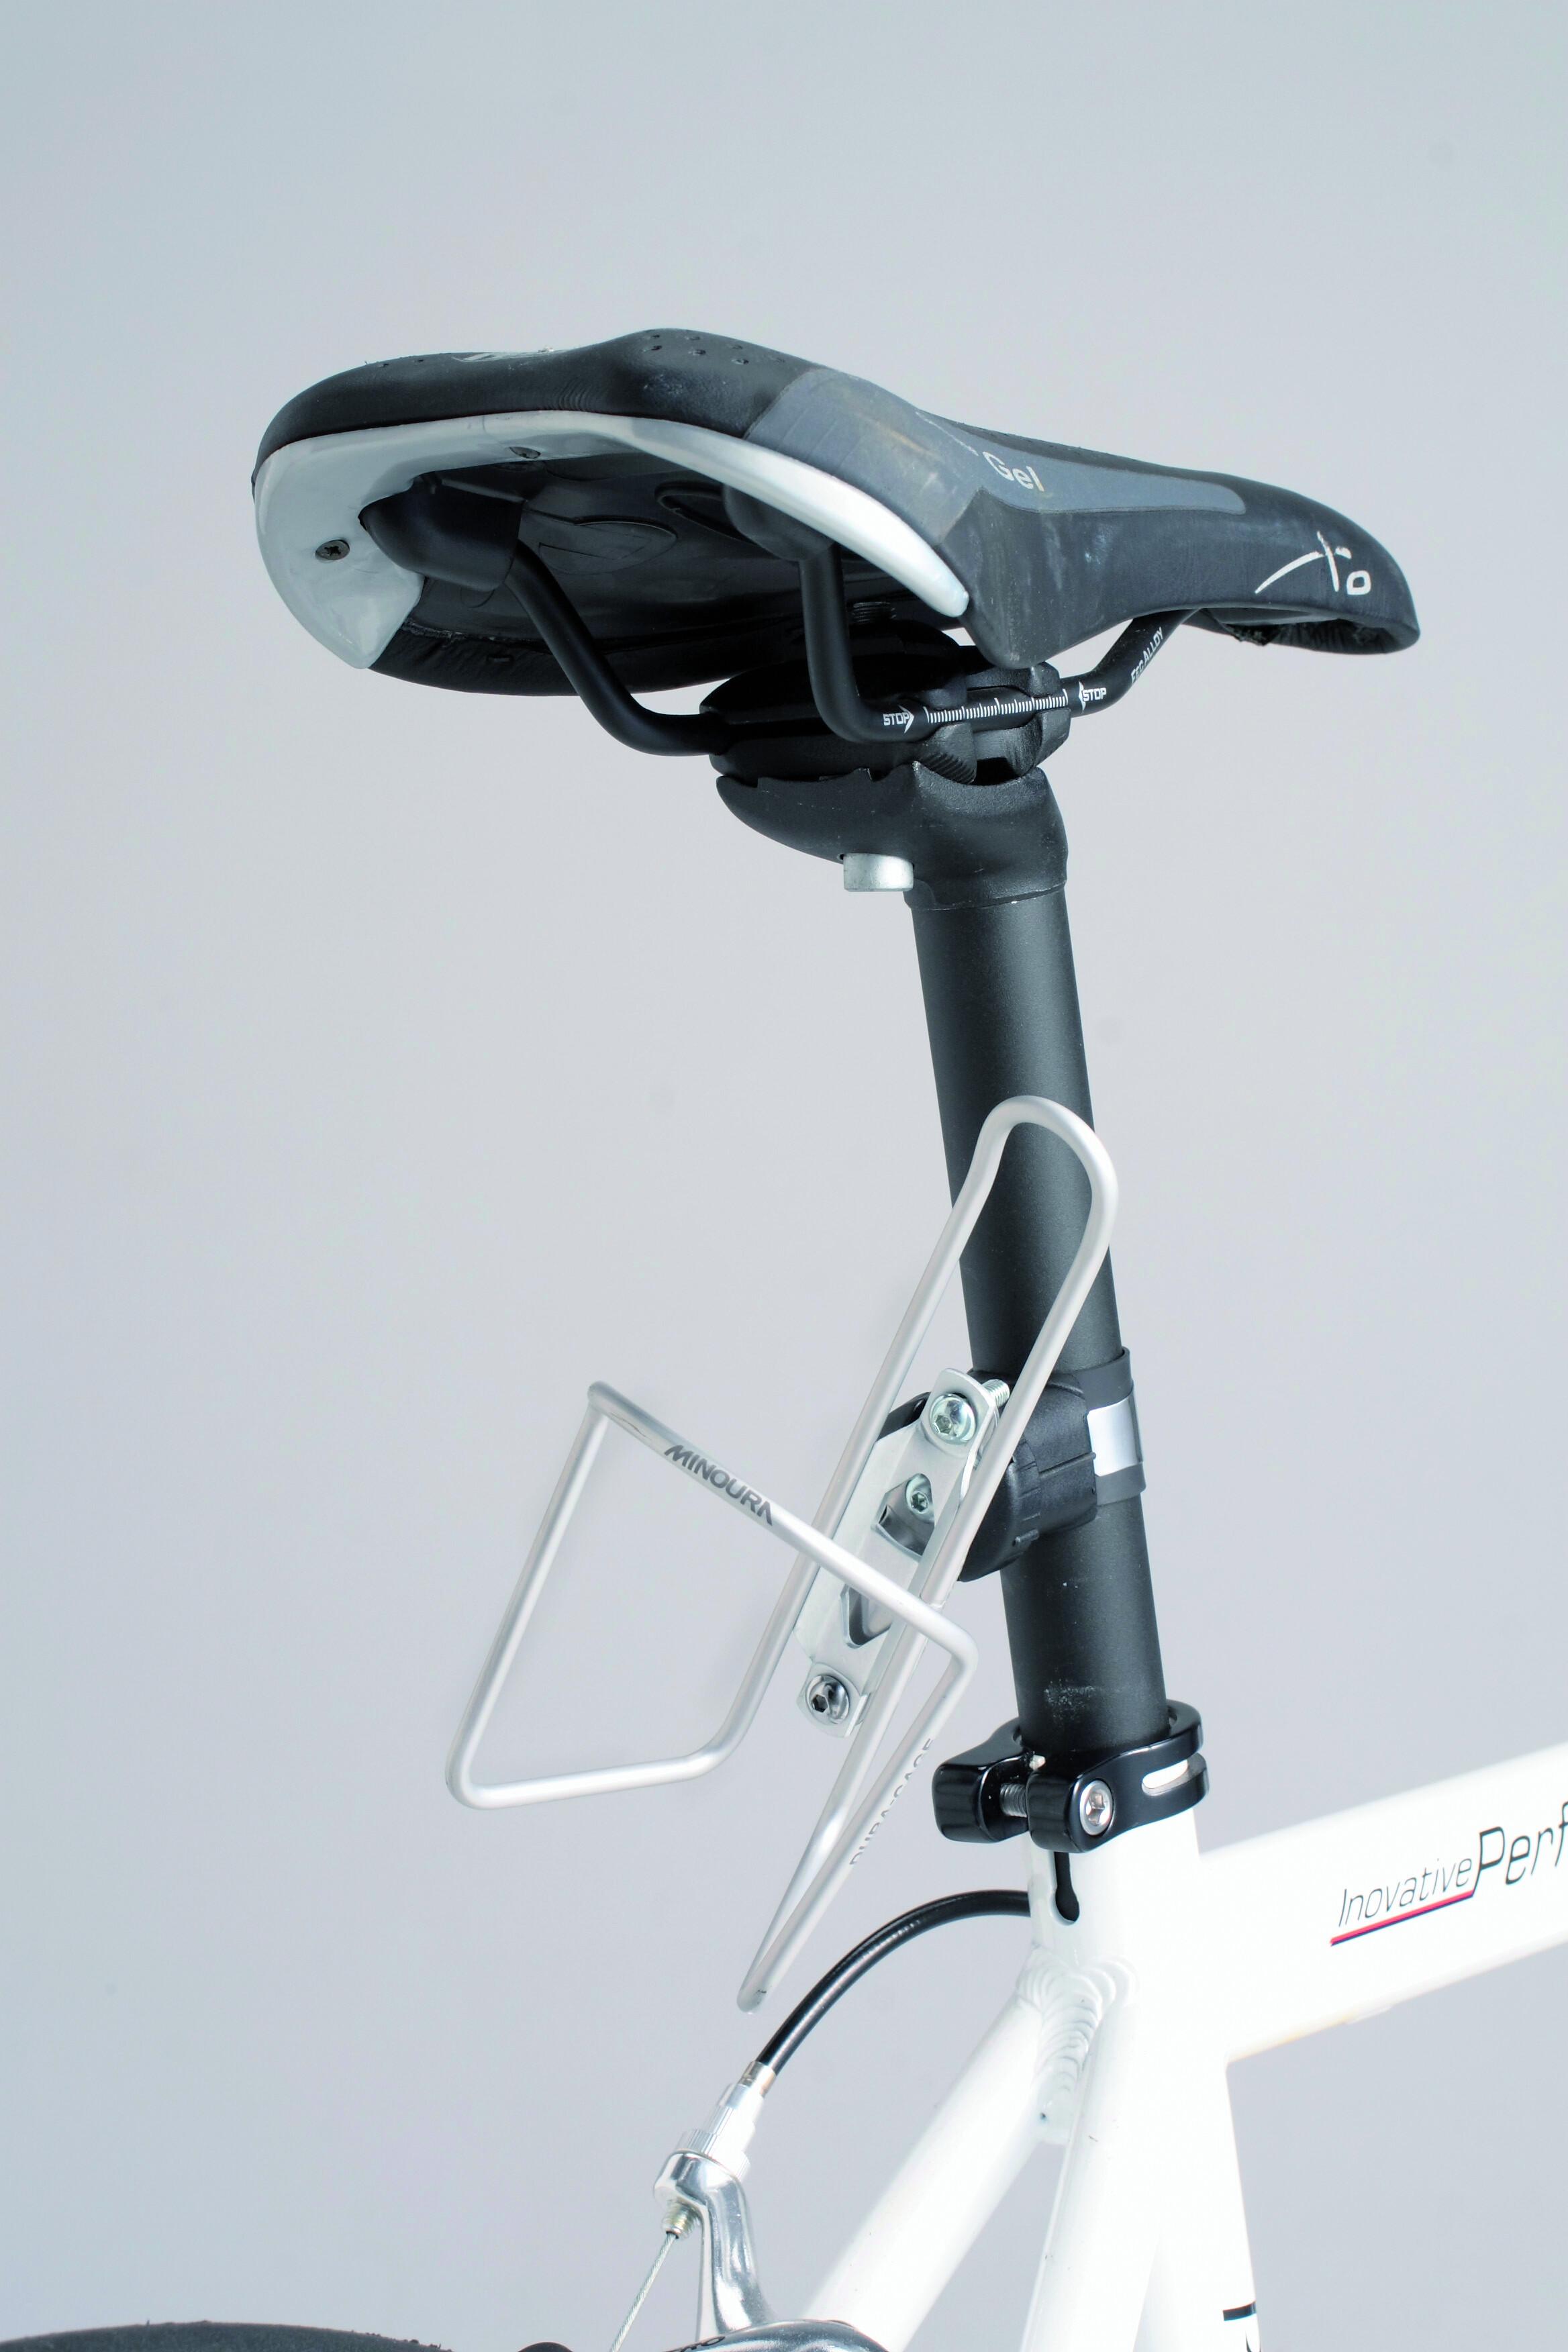 minoura bh 95x indstillelig adapter til flaskeholder sort s lv find cykeltilbeh r p nettet. Black Bedroom Furniture Sets. Home Design Ideas